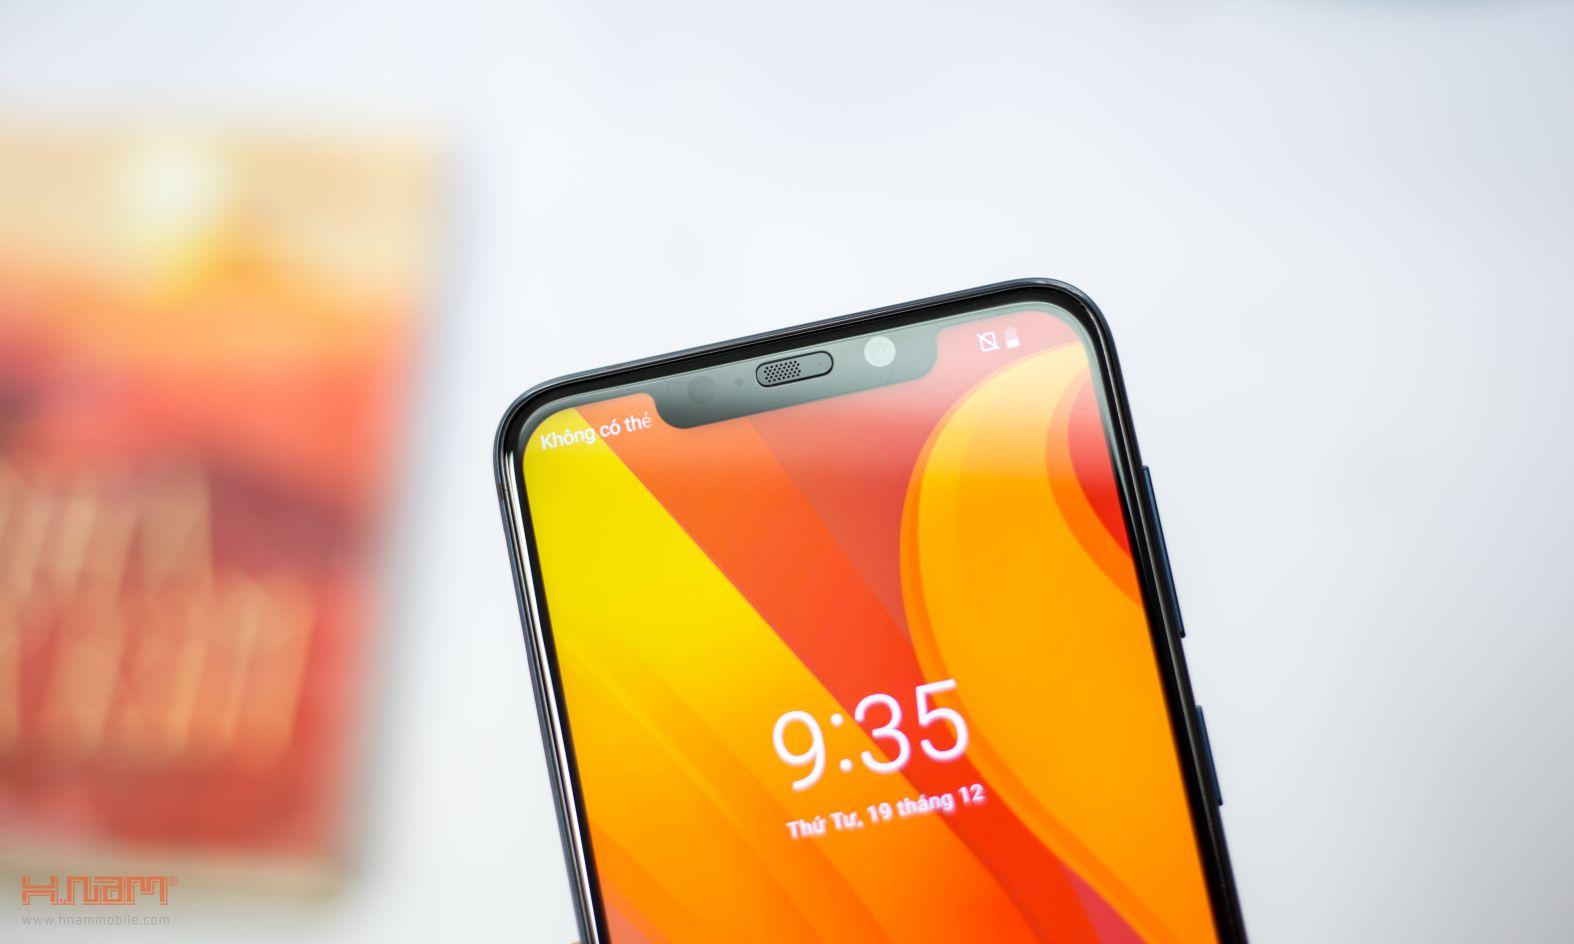 Trên tay Active 1+: smartphone tầm trung đáng sở hữu của ngưởi Việt? hình 5